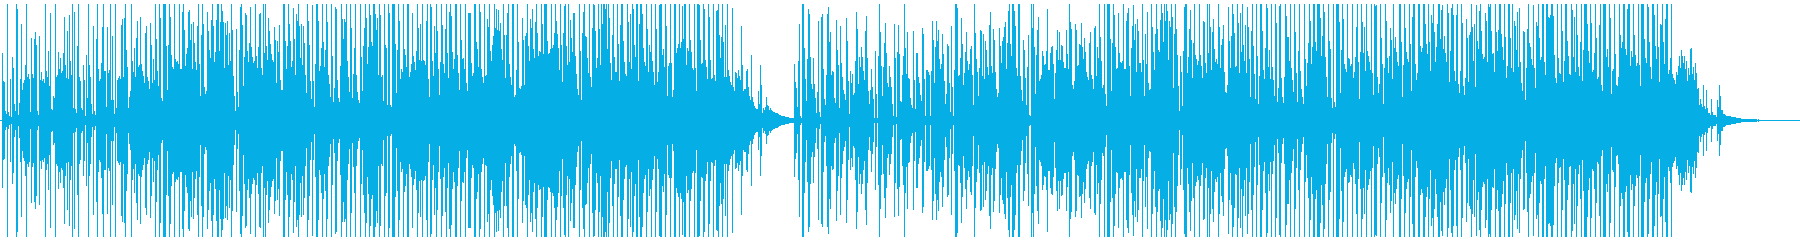 壮大 バンド スイング バラード ...の再生済みの波形